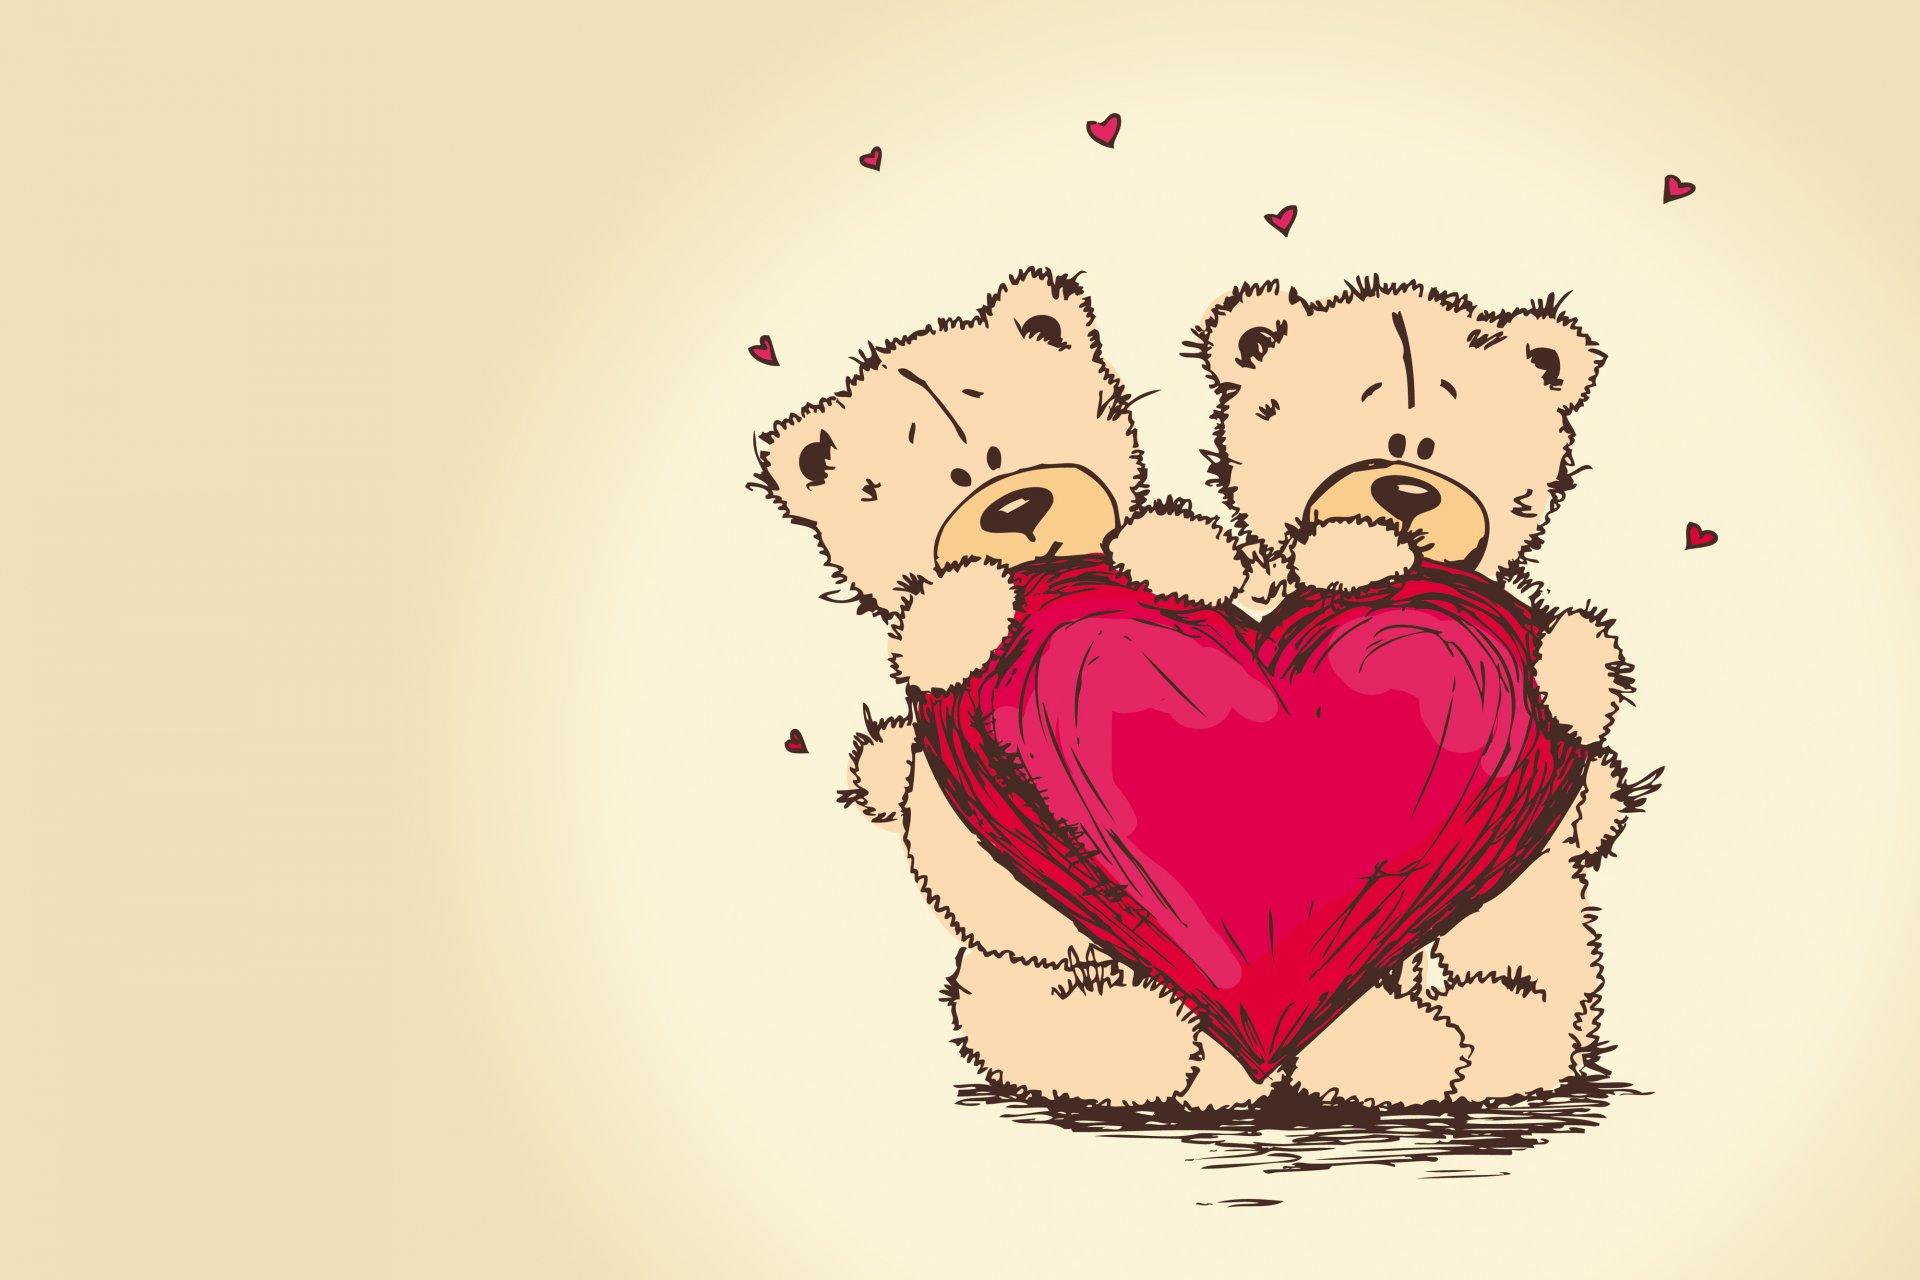 Картинки мишек с сердечками к дню святого валентина